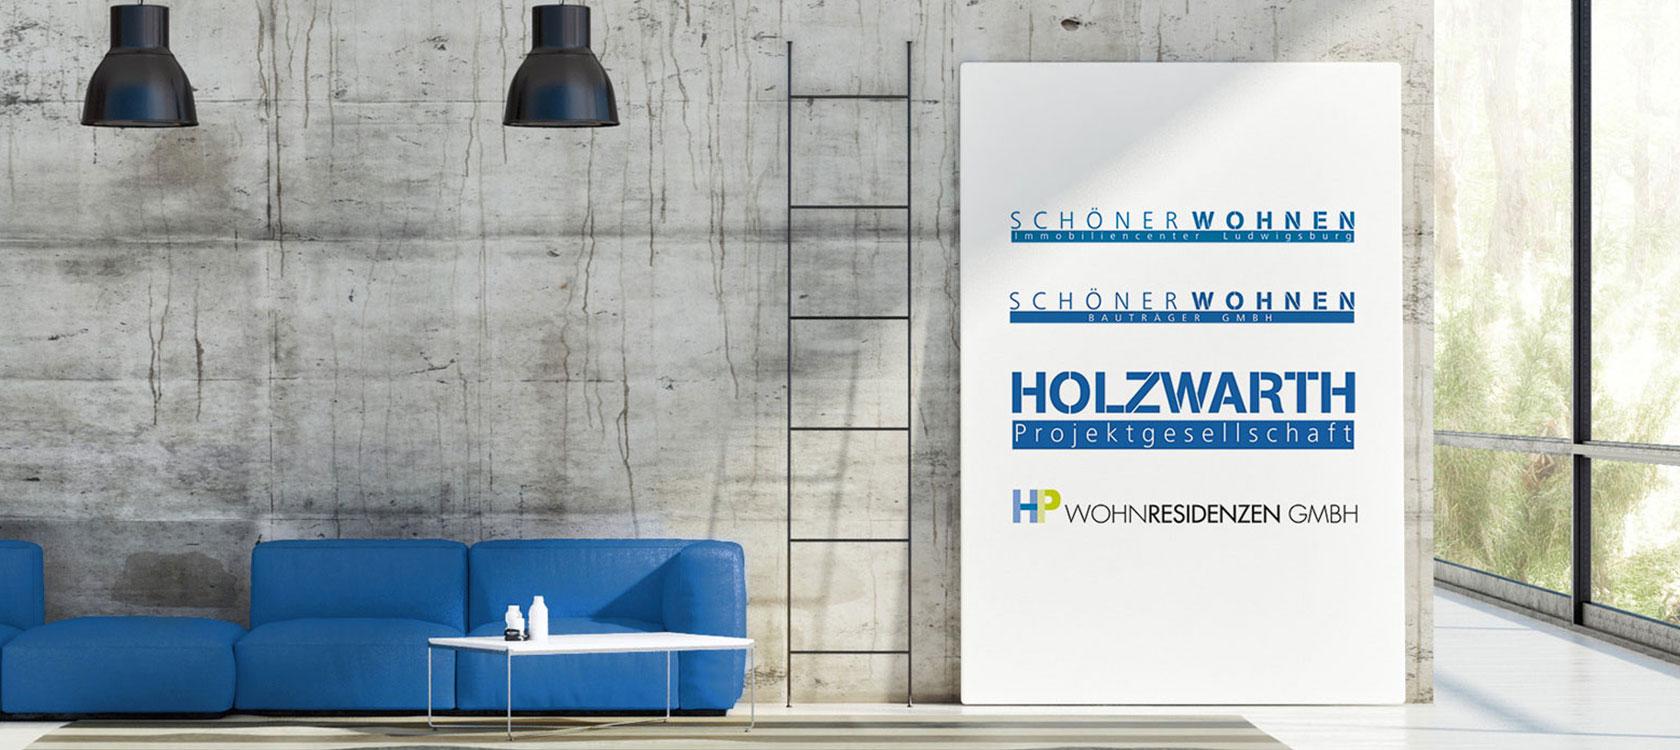 die sch ner wohnen gruppe sch ner wohnen immobilien ludwigsburg. Black Bedroom Furniture Sets. Home Design Ideas